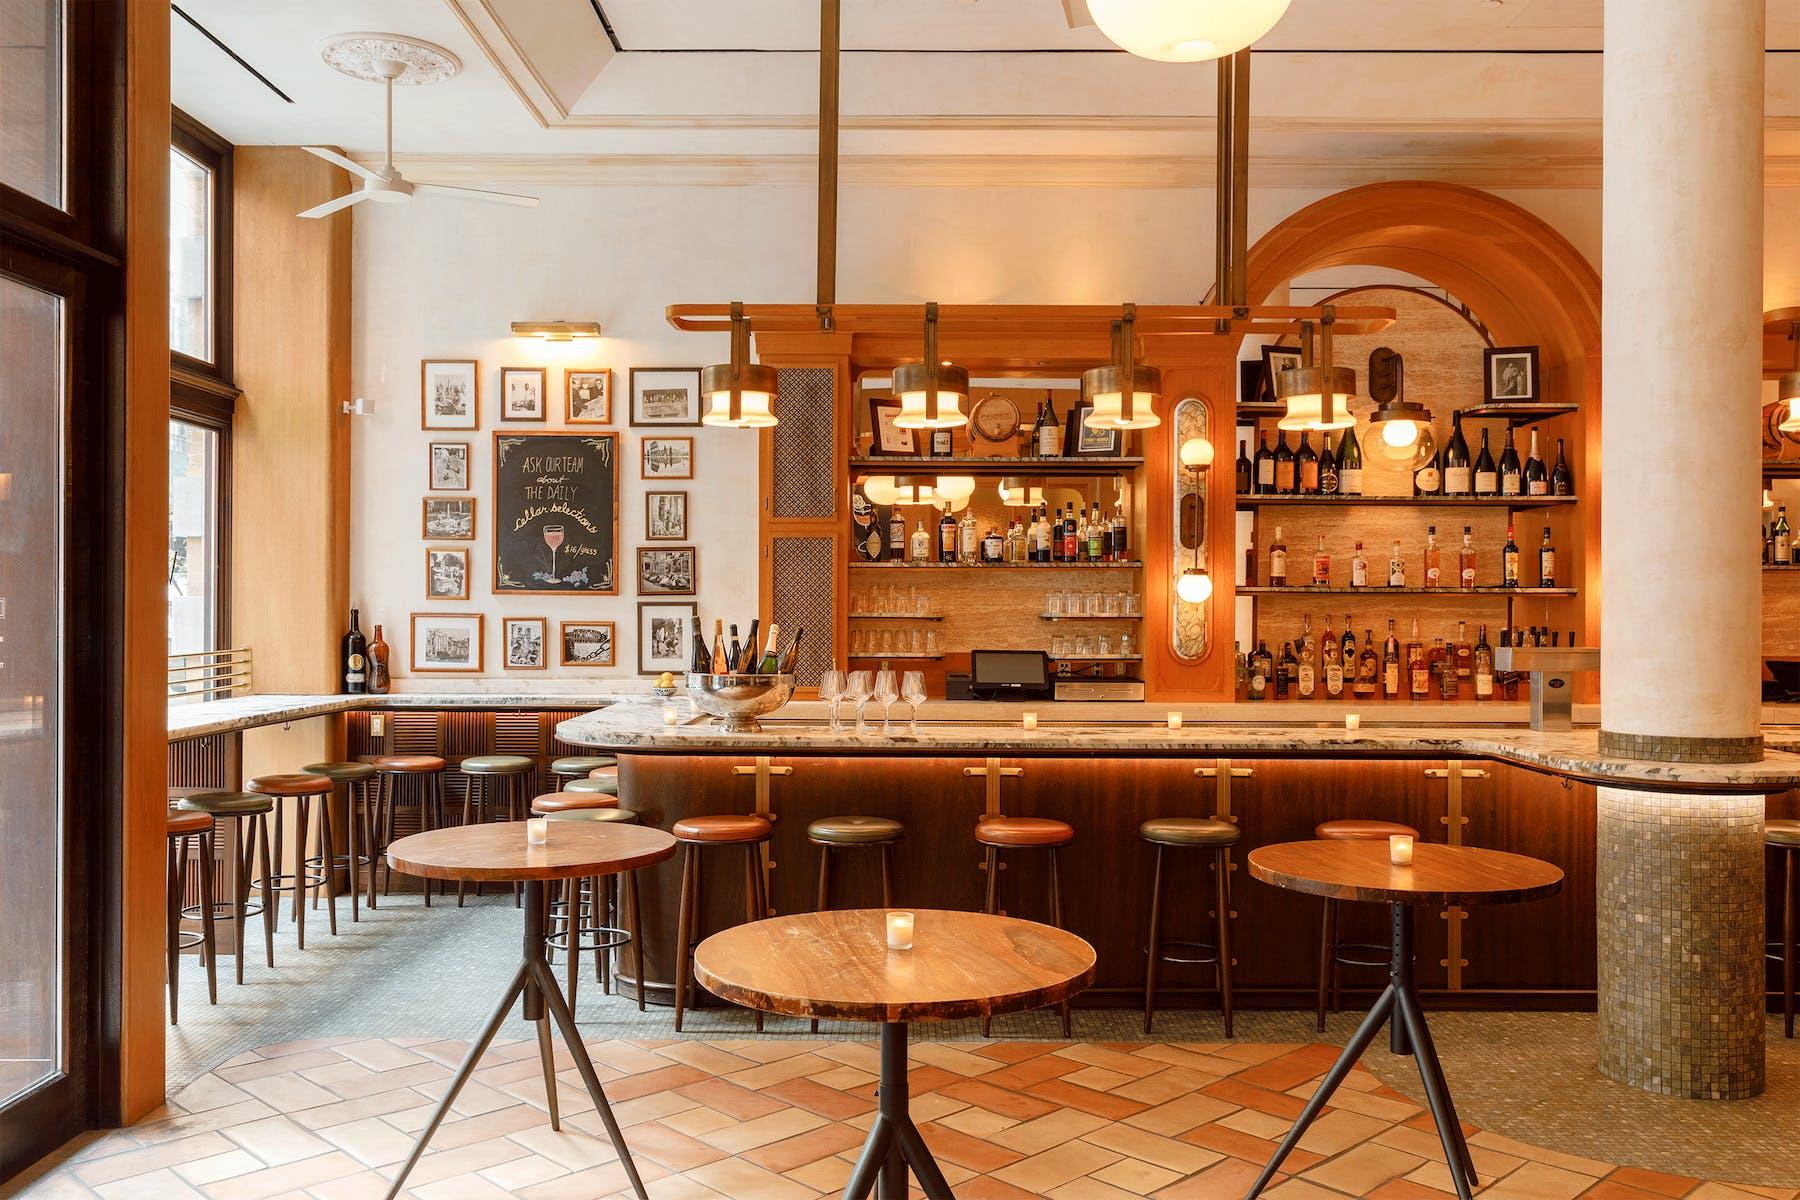 High top tables surrounding the Vini e Fritti bar